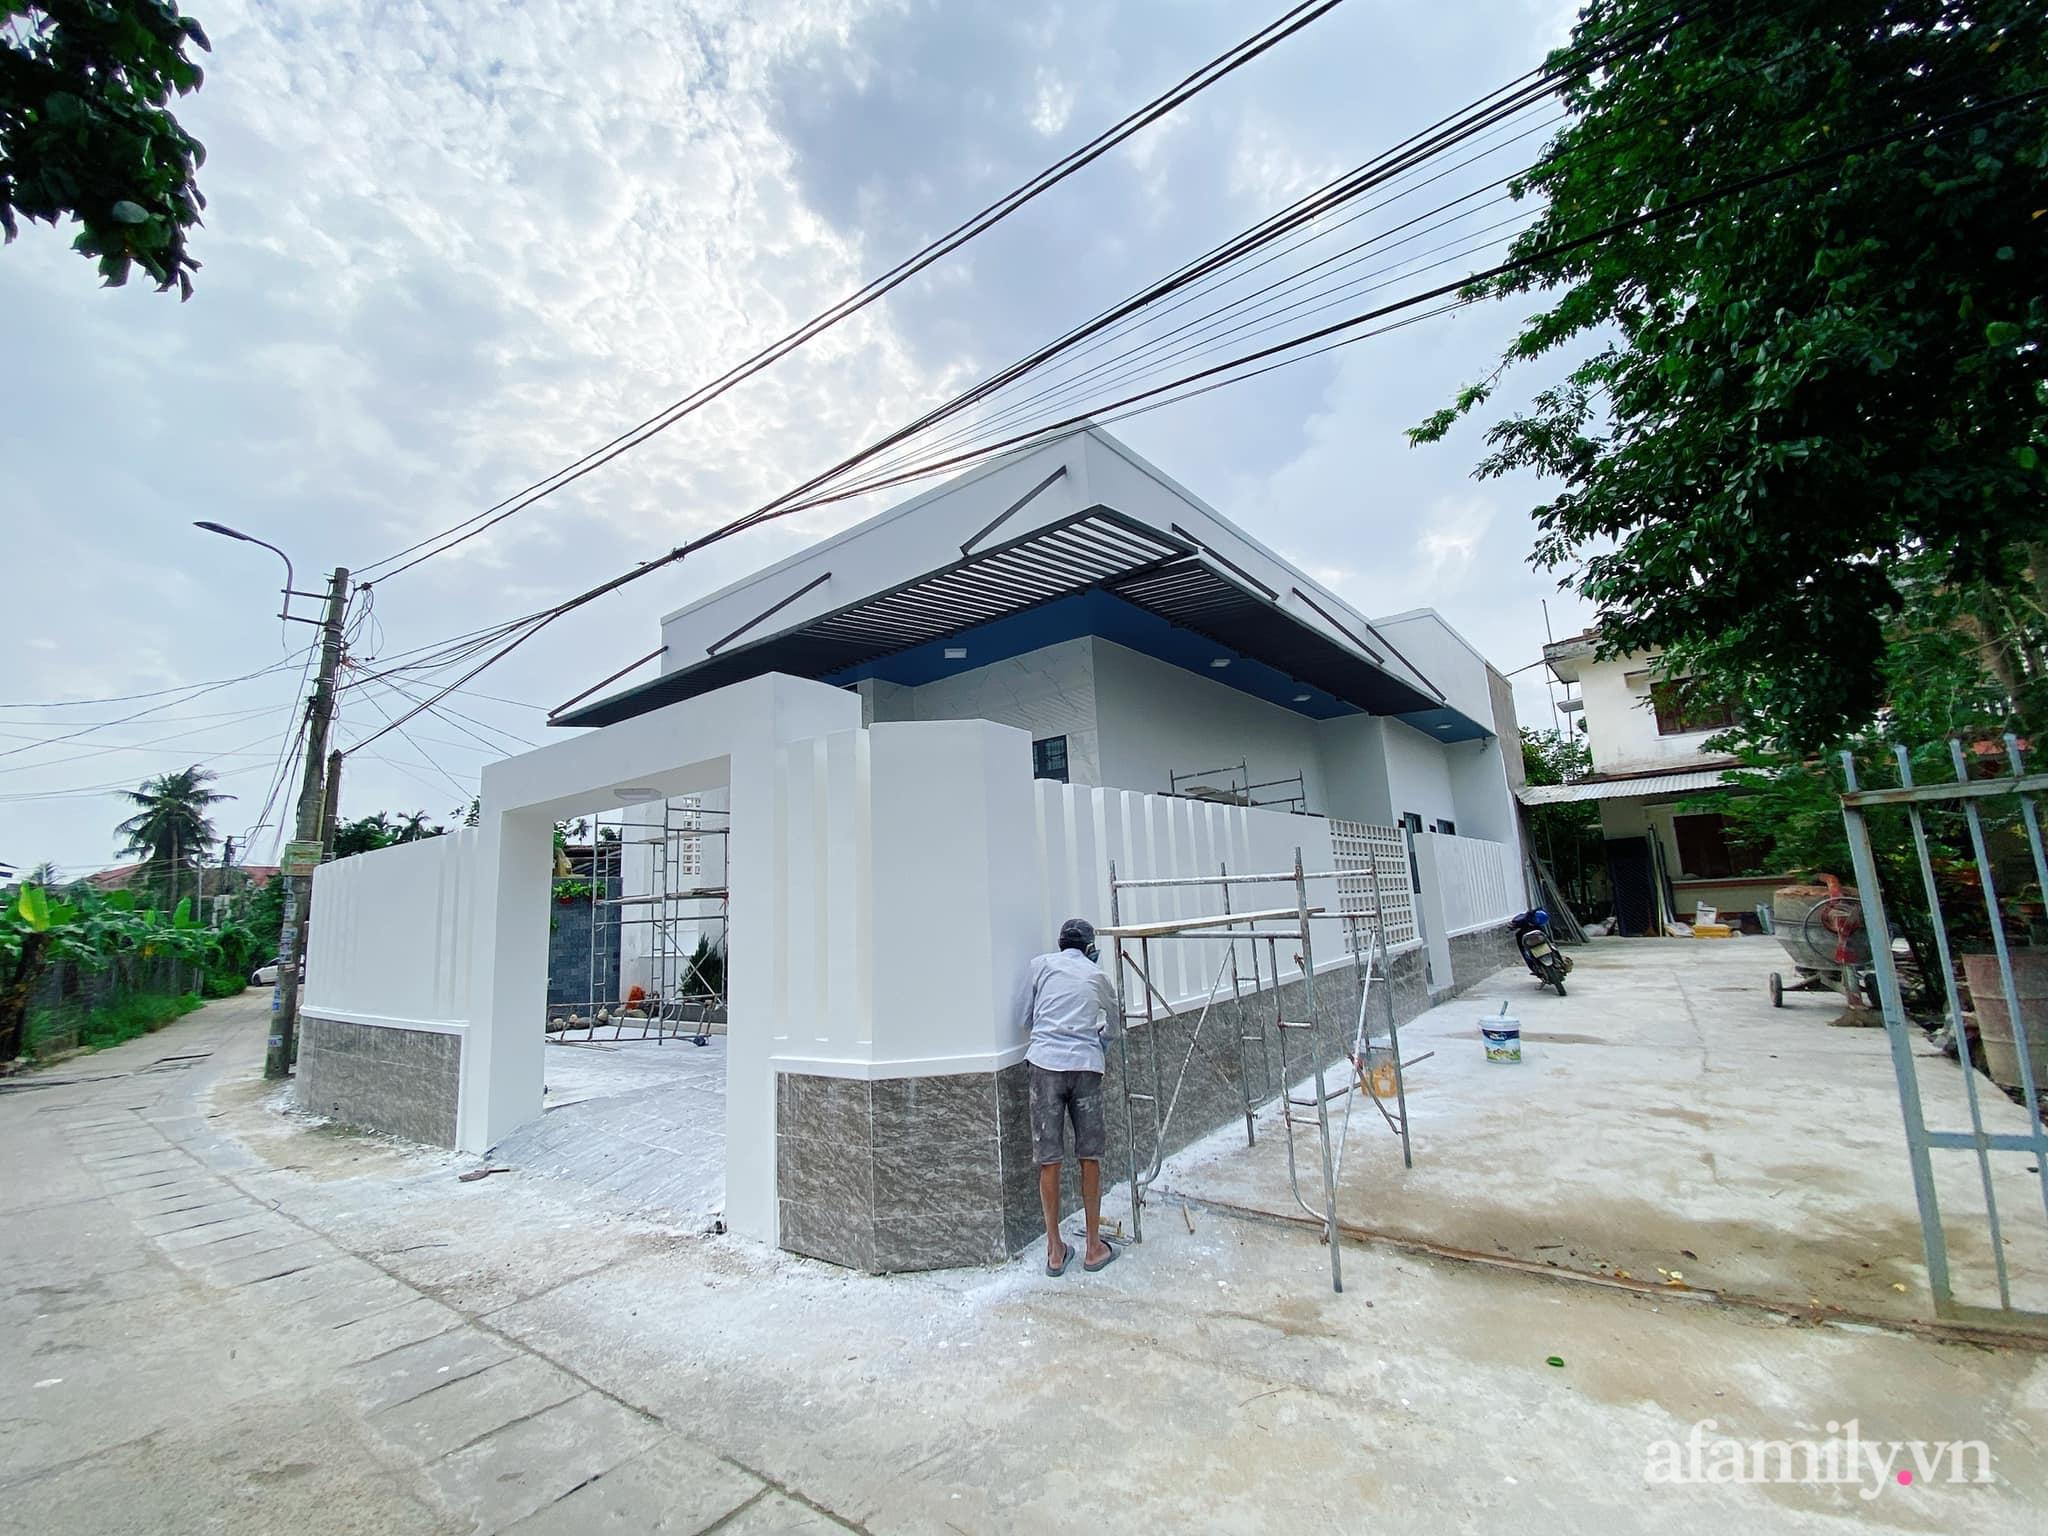 Nhà cấp 4 đầy đủ chức năng hiện đại, tiện ích với tổng chi phí hơn 1 tỷ của gia đình trẻ ở Quảng Ngãi - Ảnh 1.